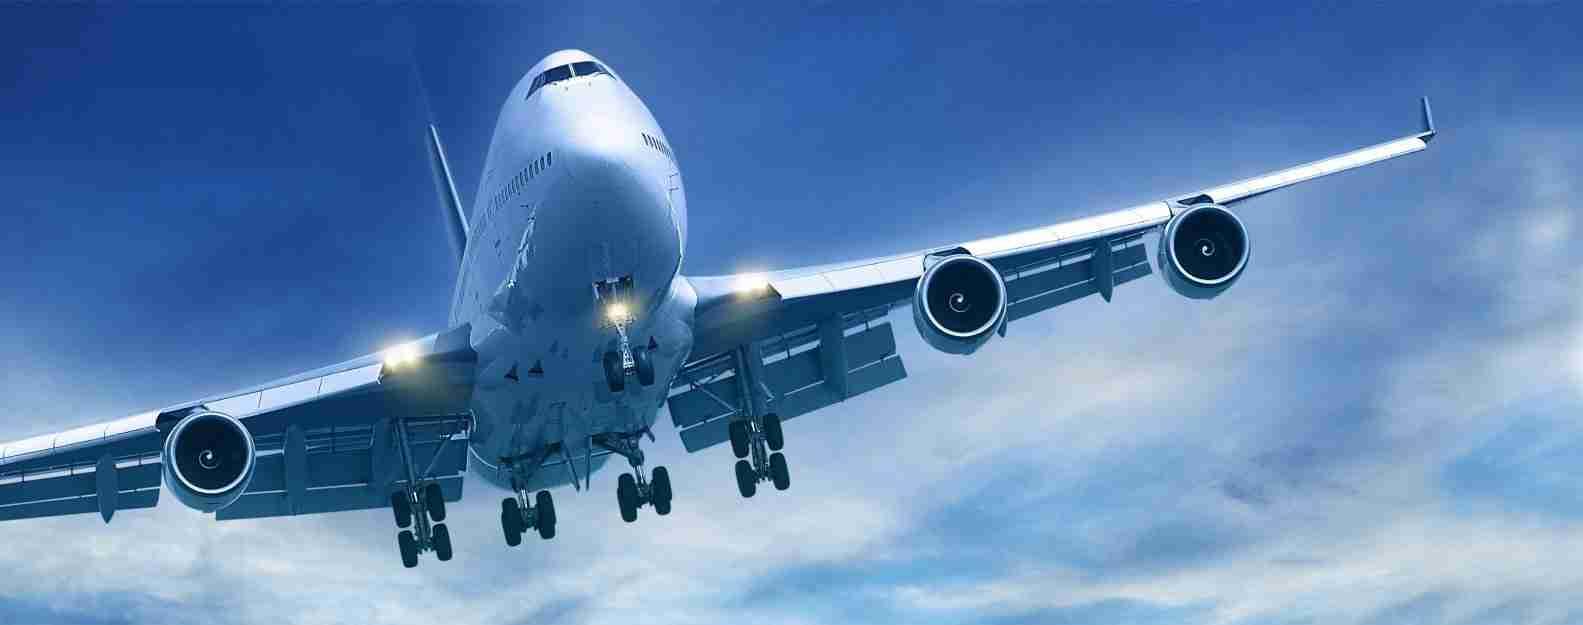 Авиаперевозки в Сосновый Бор